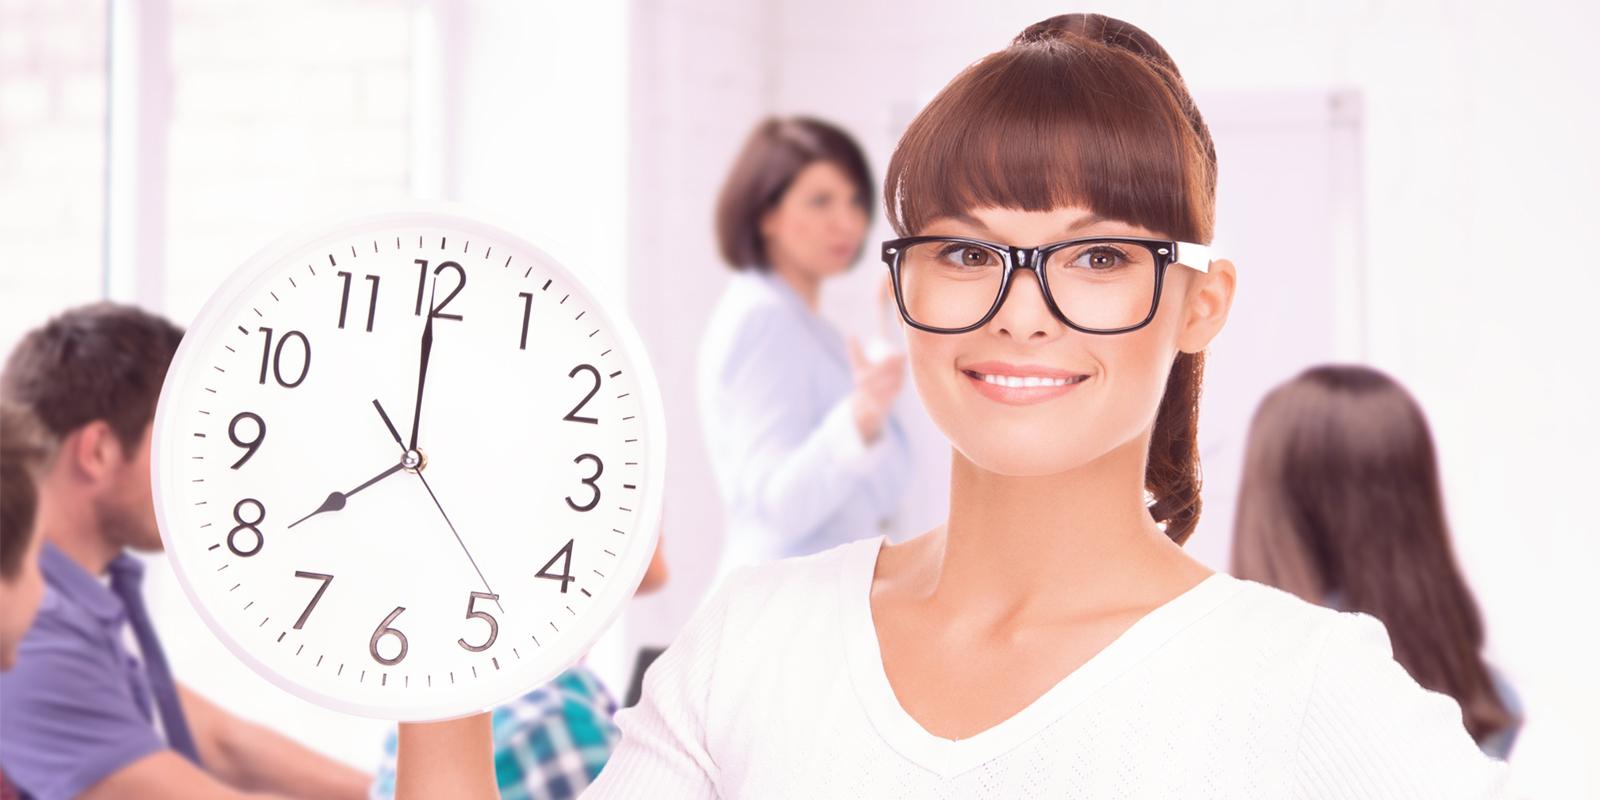 You are currently viewing Zarządzanie czasem – unikaj stresu iosiągaj cele